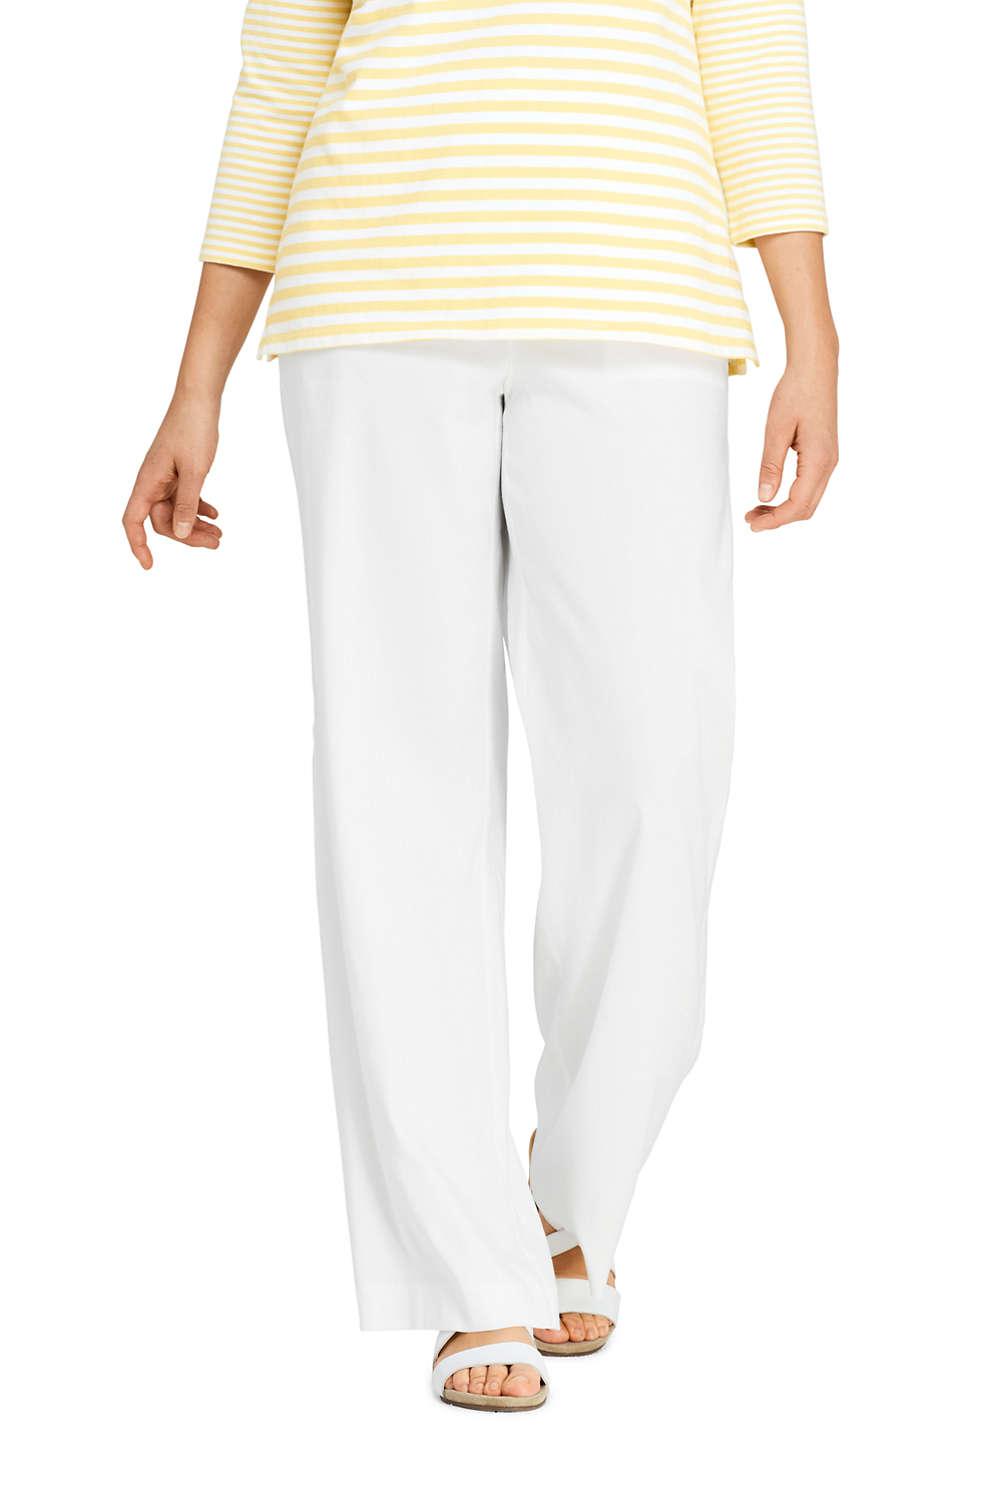 040848efdeb Women s Plus Size Wide Leg Linen Blend Pants from Lands  End